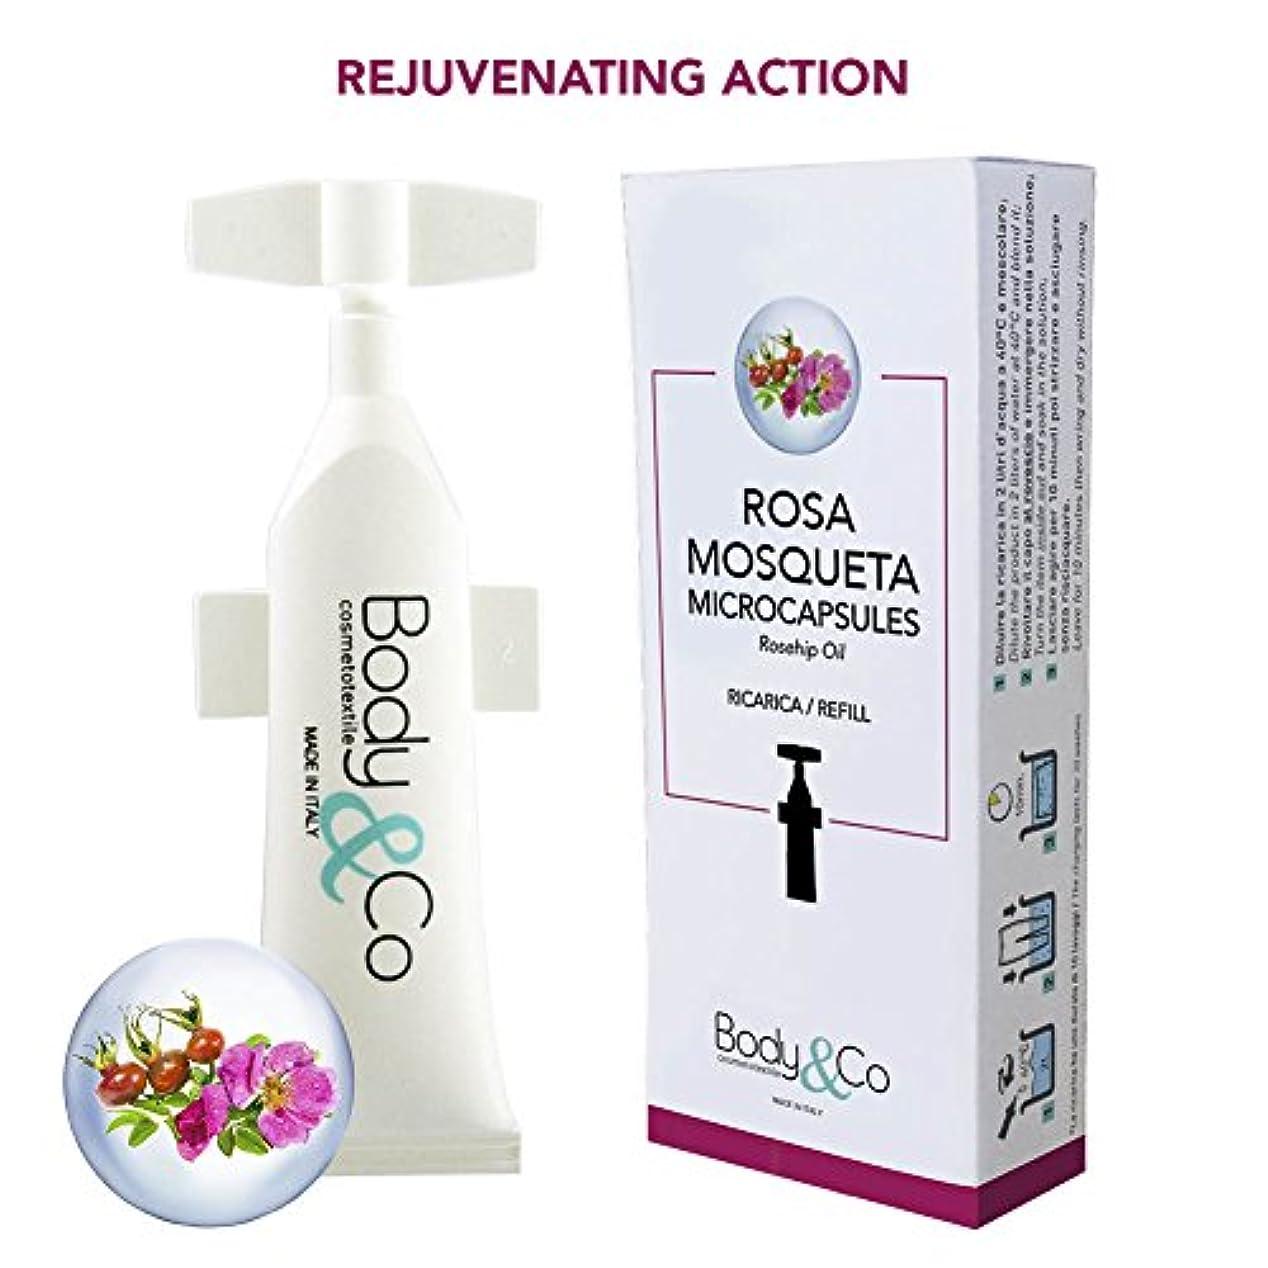 電気技師臨検帝国主義Body&Co Cosmetic Refill 10 ml Rosa Mosqueta Oil (OLIO DI ROSA MOSQUETA 10 ML, 2 REFILLS 10 ML)